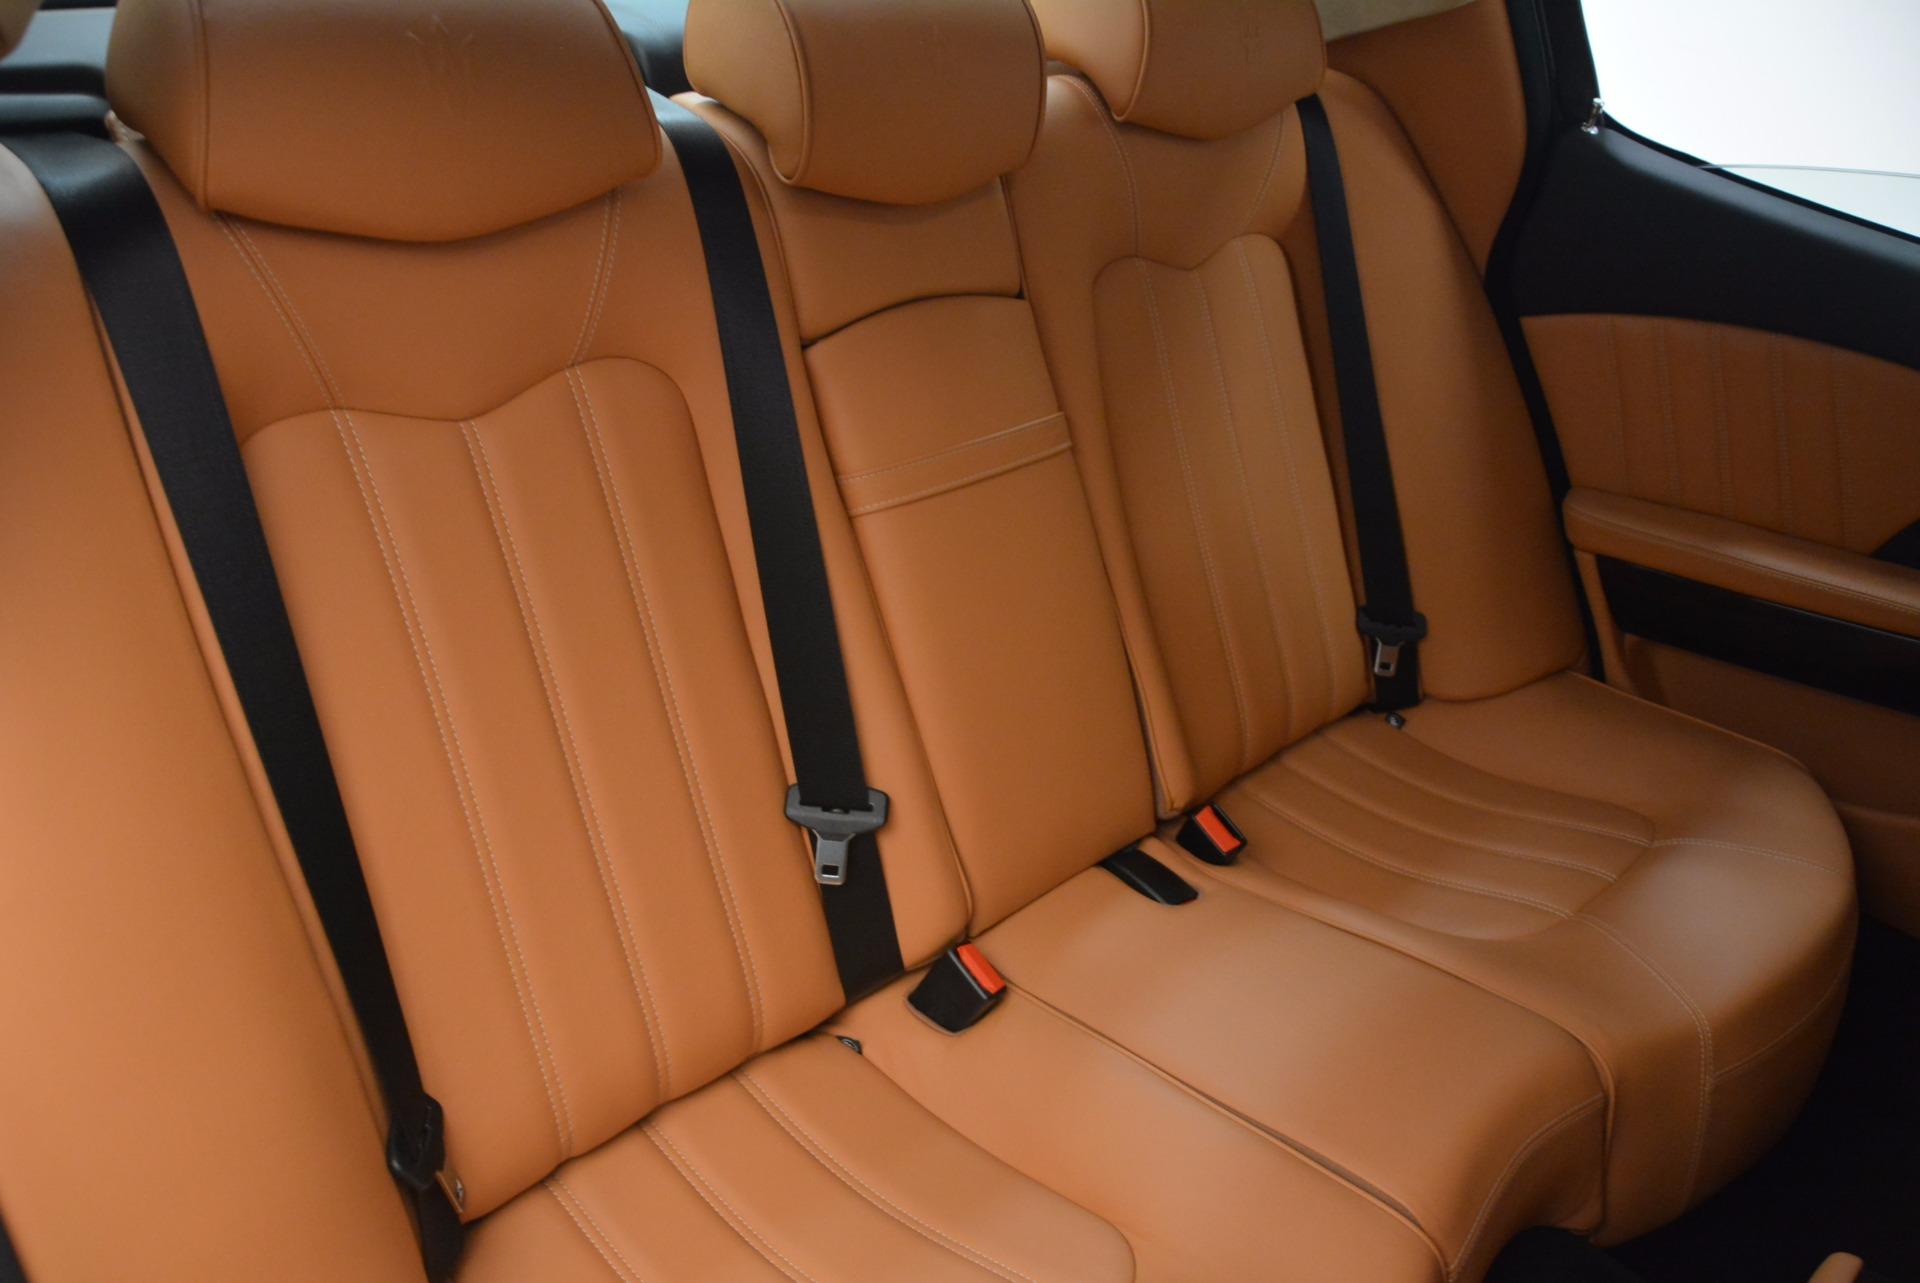 Used 2010 Maserati Quattroporte S For Sale In Greenwich, CT 1551_p39